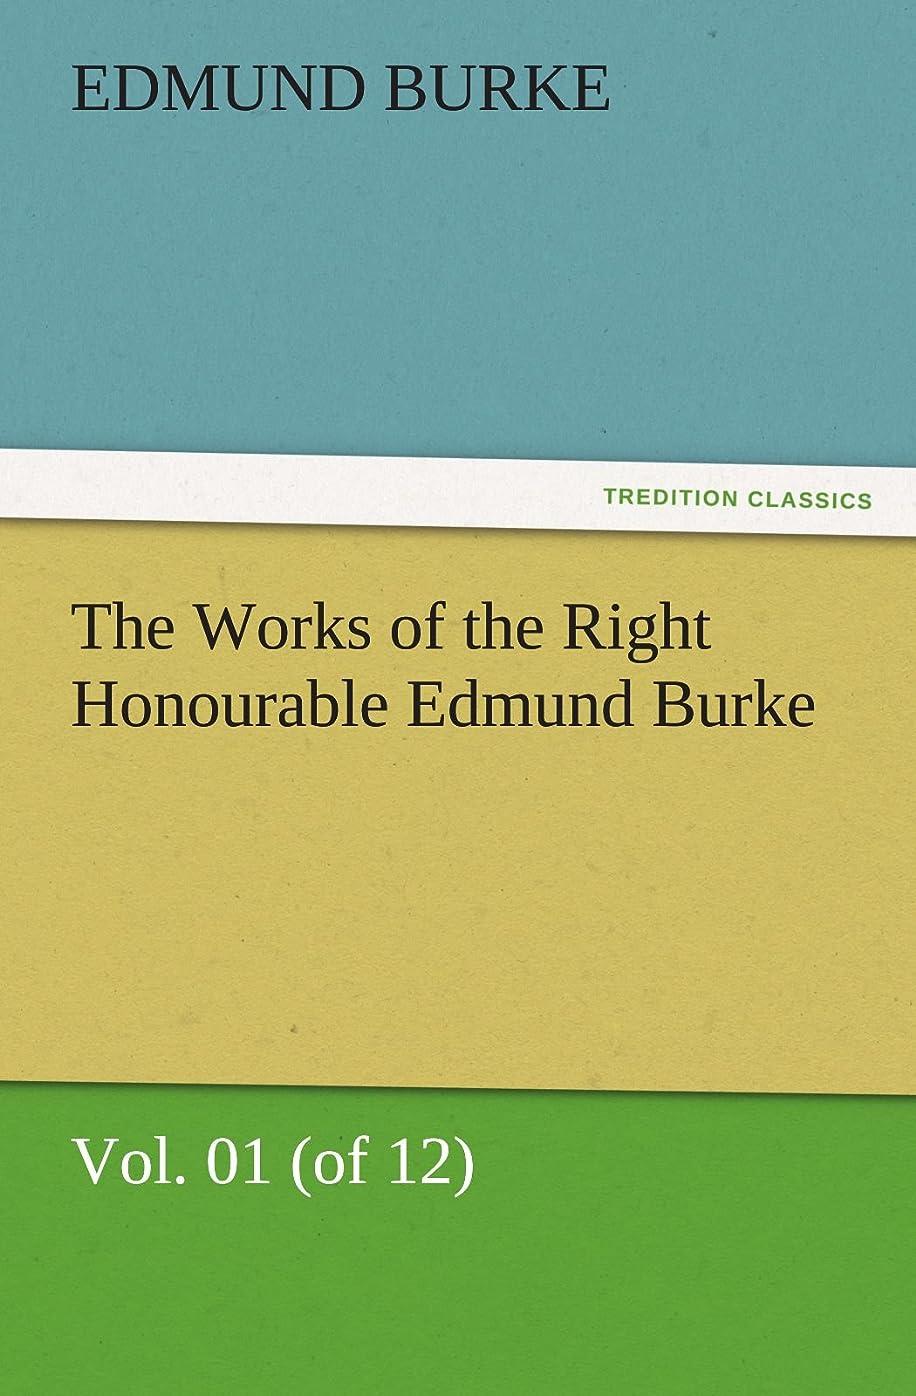 うがいお嬢複製The Works of the Right Honourable Edmund Burke, Vol. 01 (of 12) (TREDITION CLASSICS)